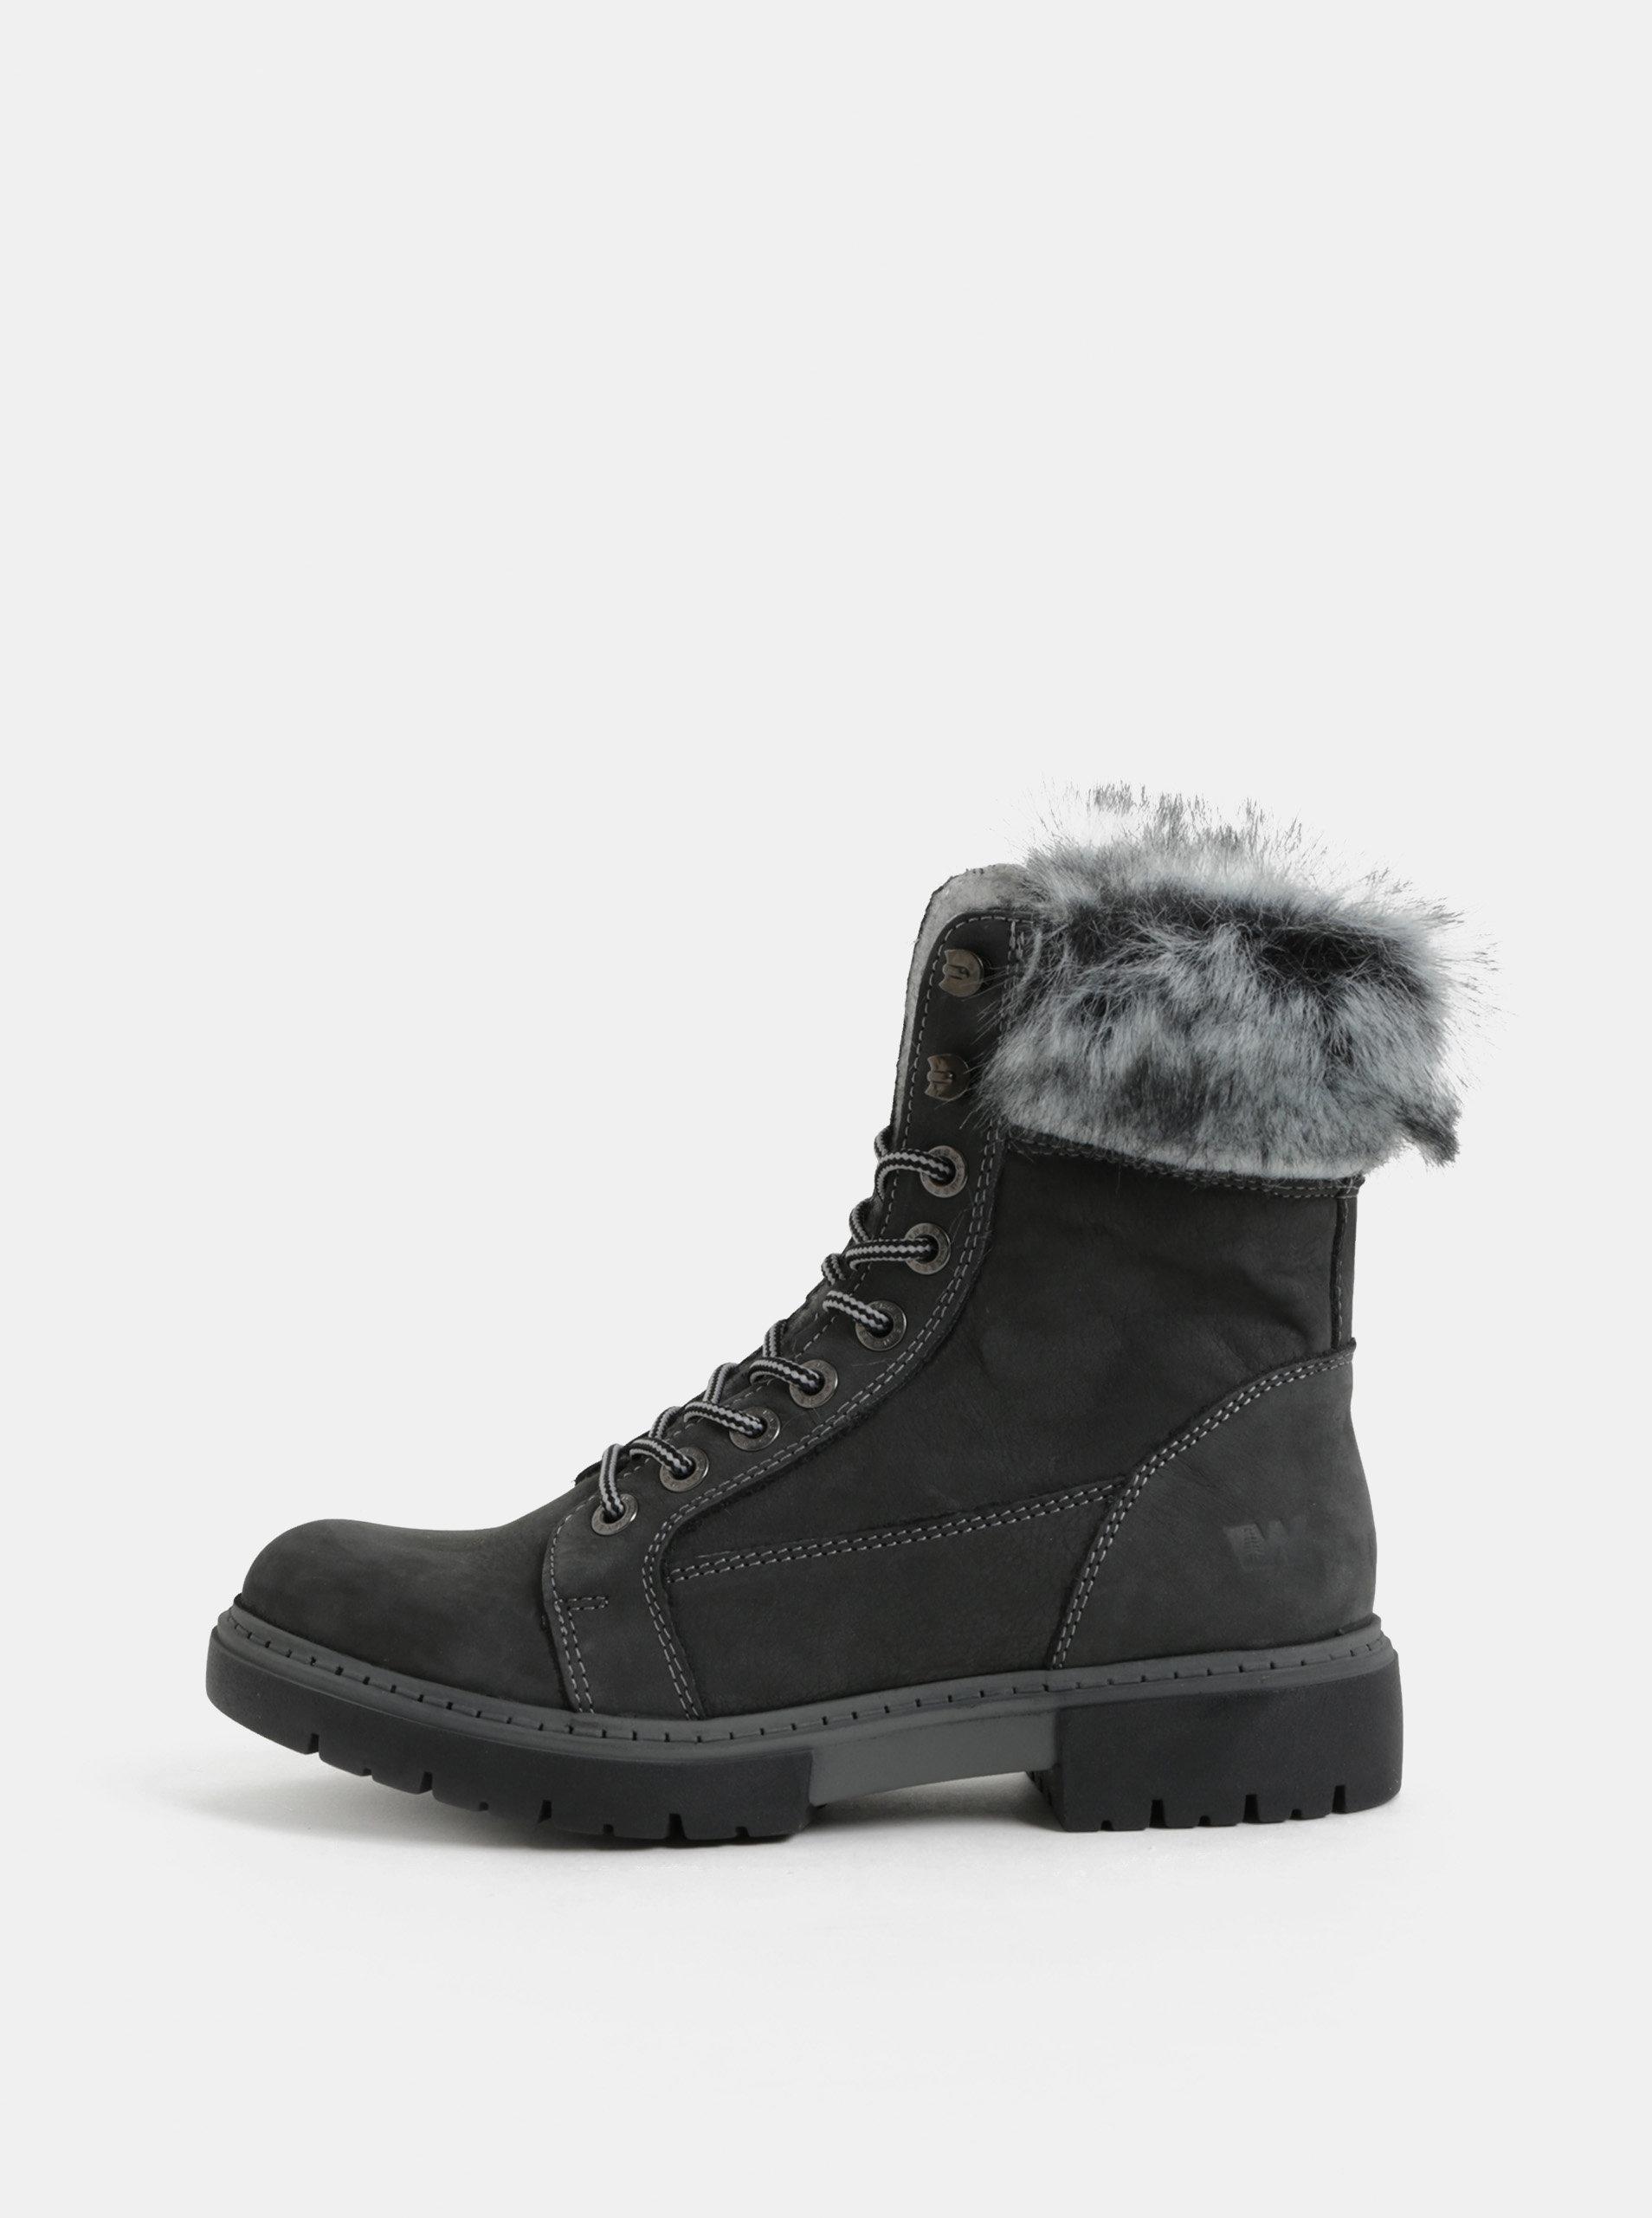 7caed3bc75e Šedé dámské kožené zimní kotníkové boty s umělým kožíškem Weinbrenner ...